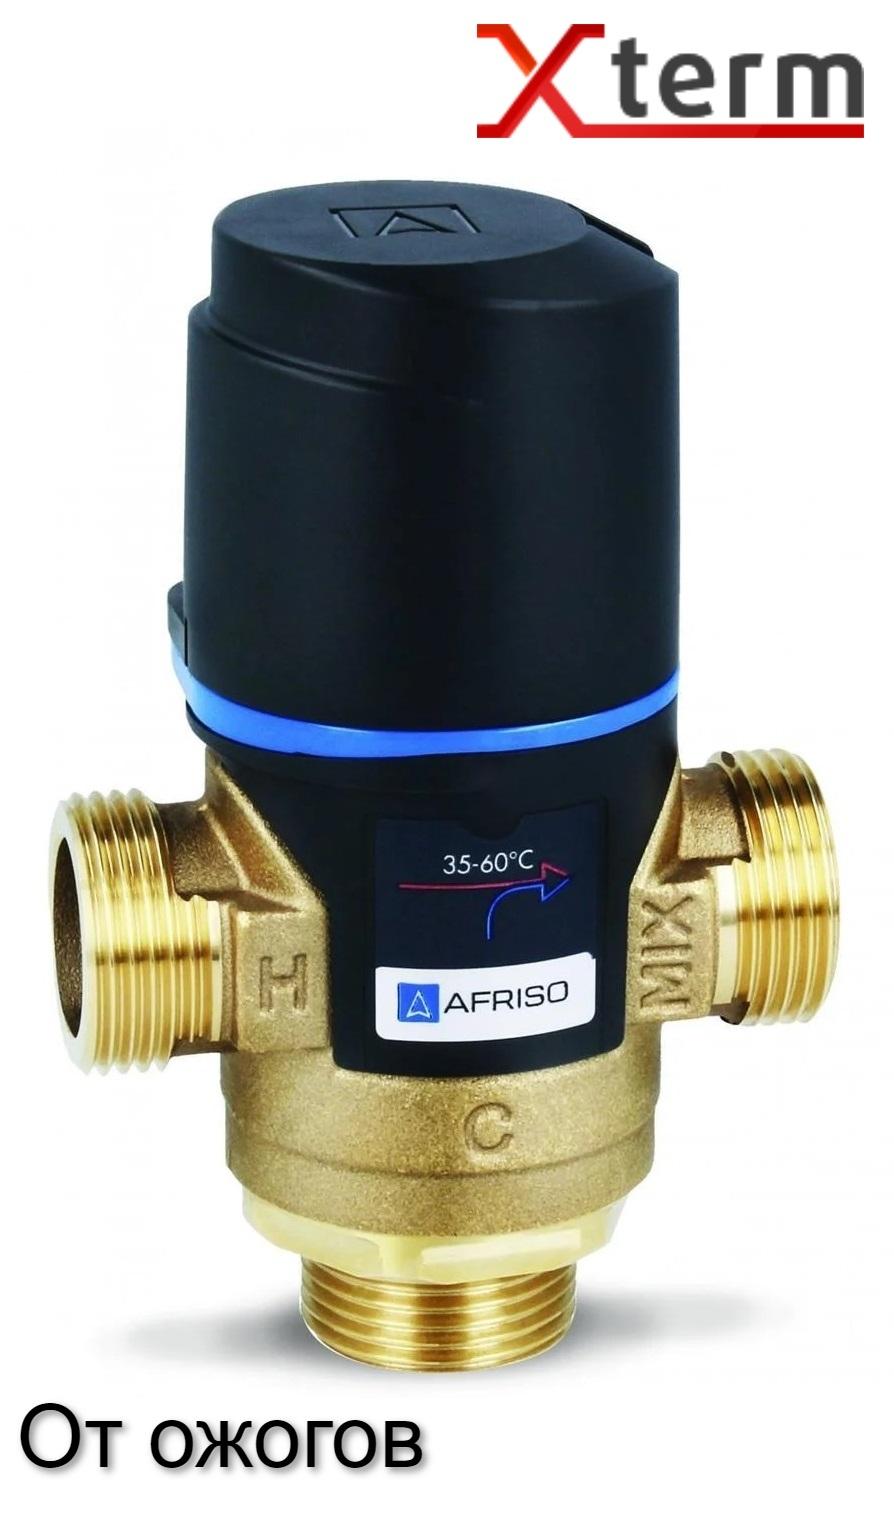 """Клапан от ожогов 1"""" Afriso ATM 363 T=35-60°C G 1"""" DN20 Kvs 1,6 термостатический смесительный  - 3"""